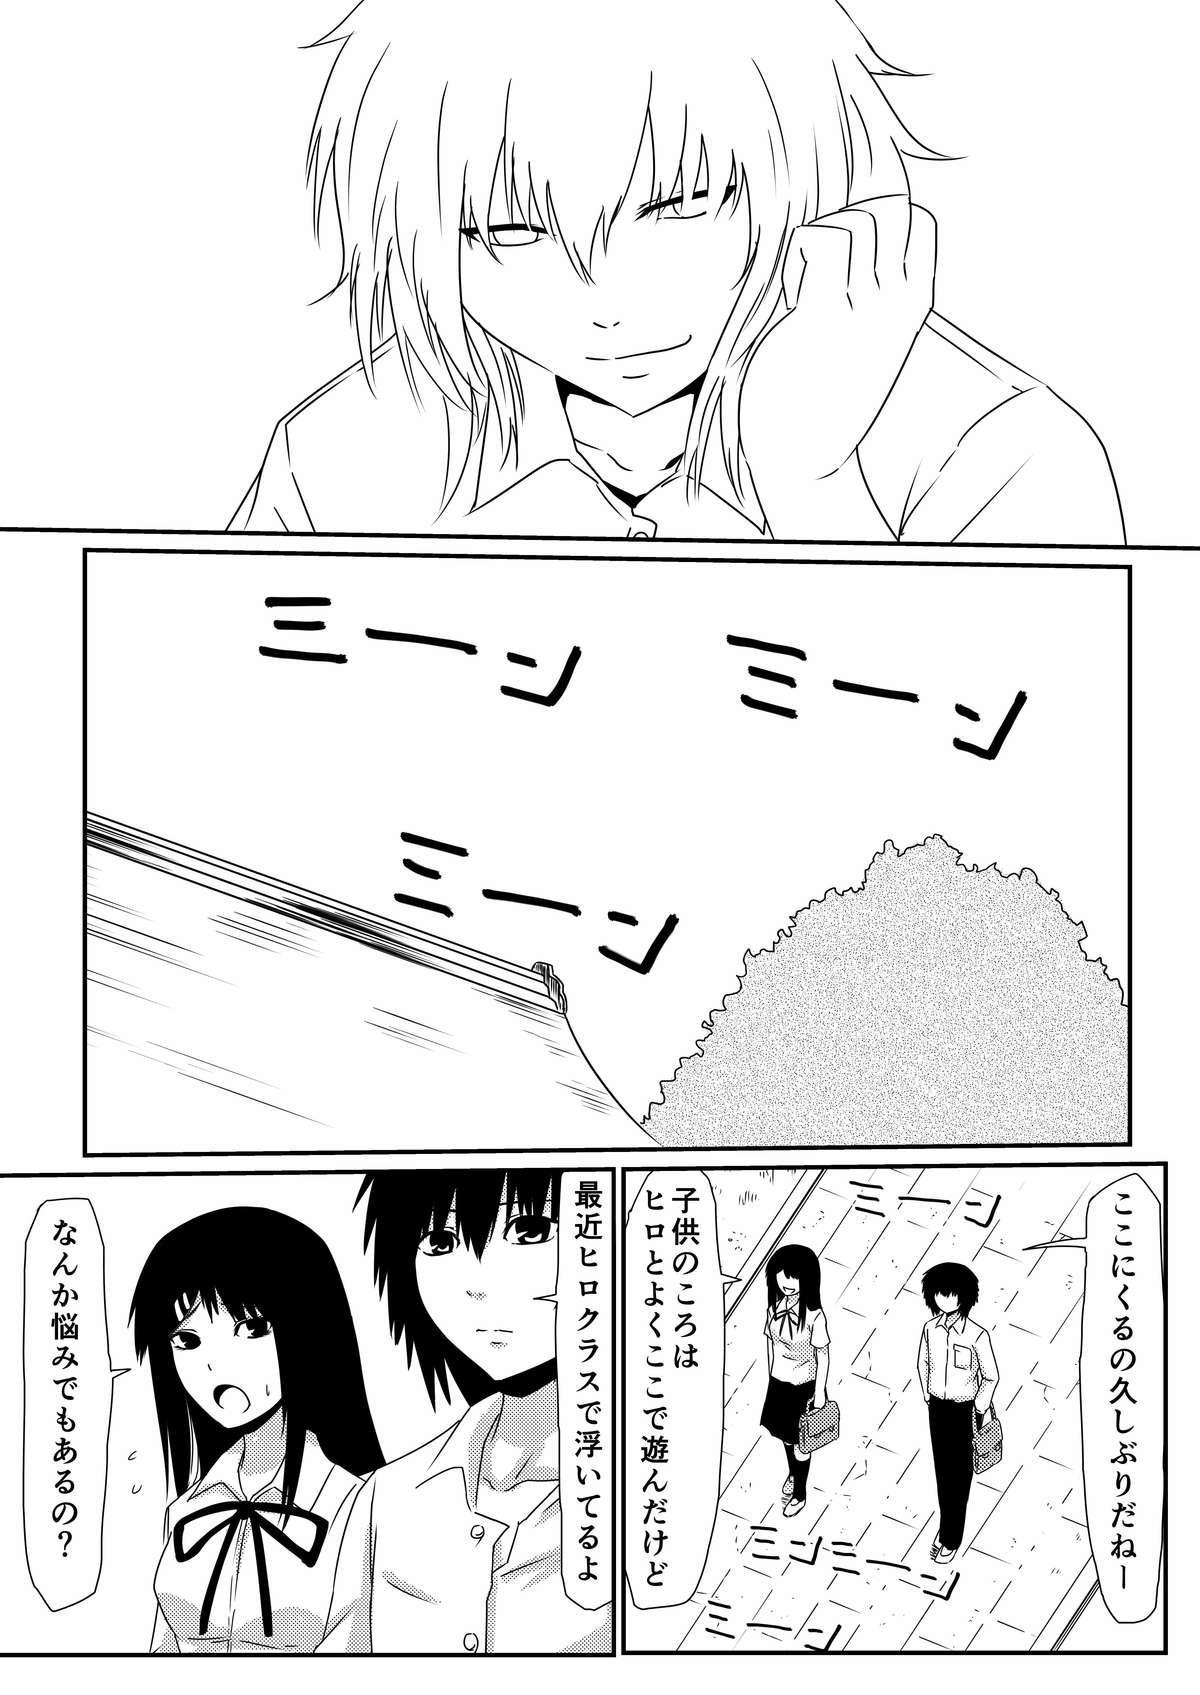 [Mikezoutei] Mashou no Chinko o Motsu Shounen ~Kare no Dankon wa Josei o Mesu e to Kaeru~ Zenpen 48